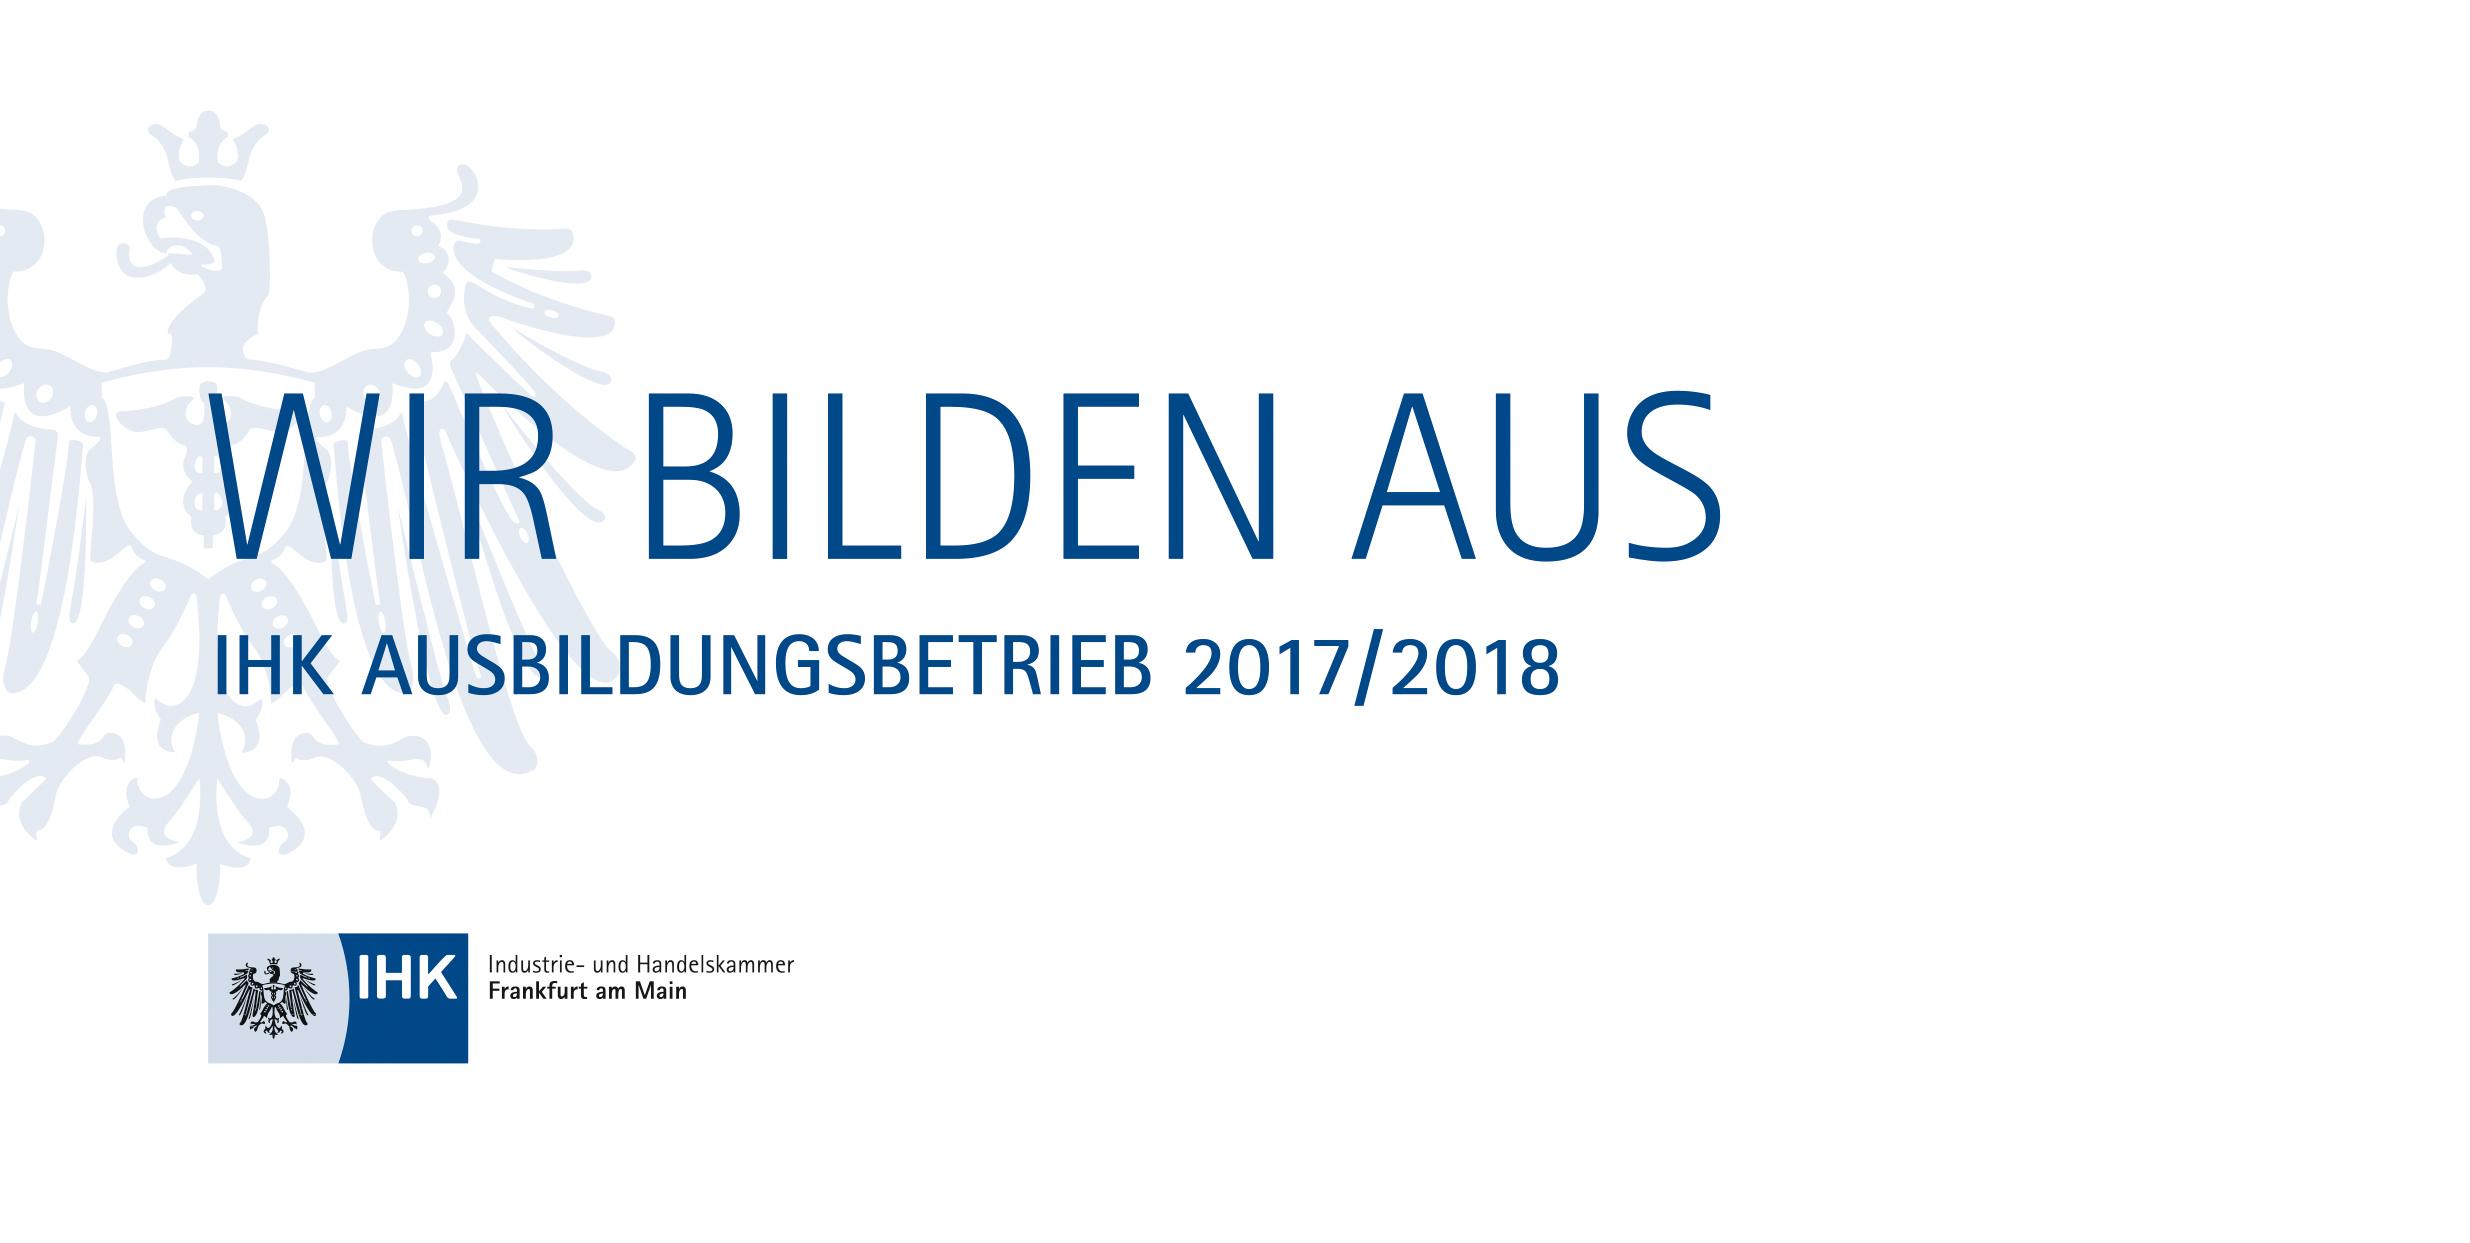 IHK Ausbildungsbetrieb 2017/2018